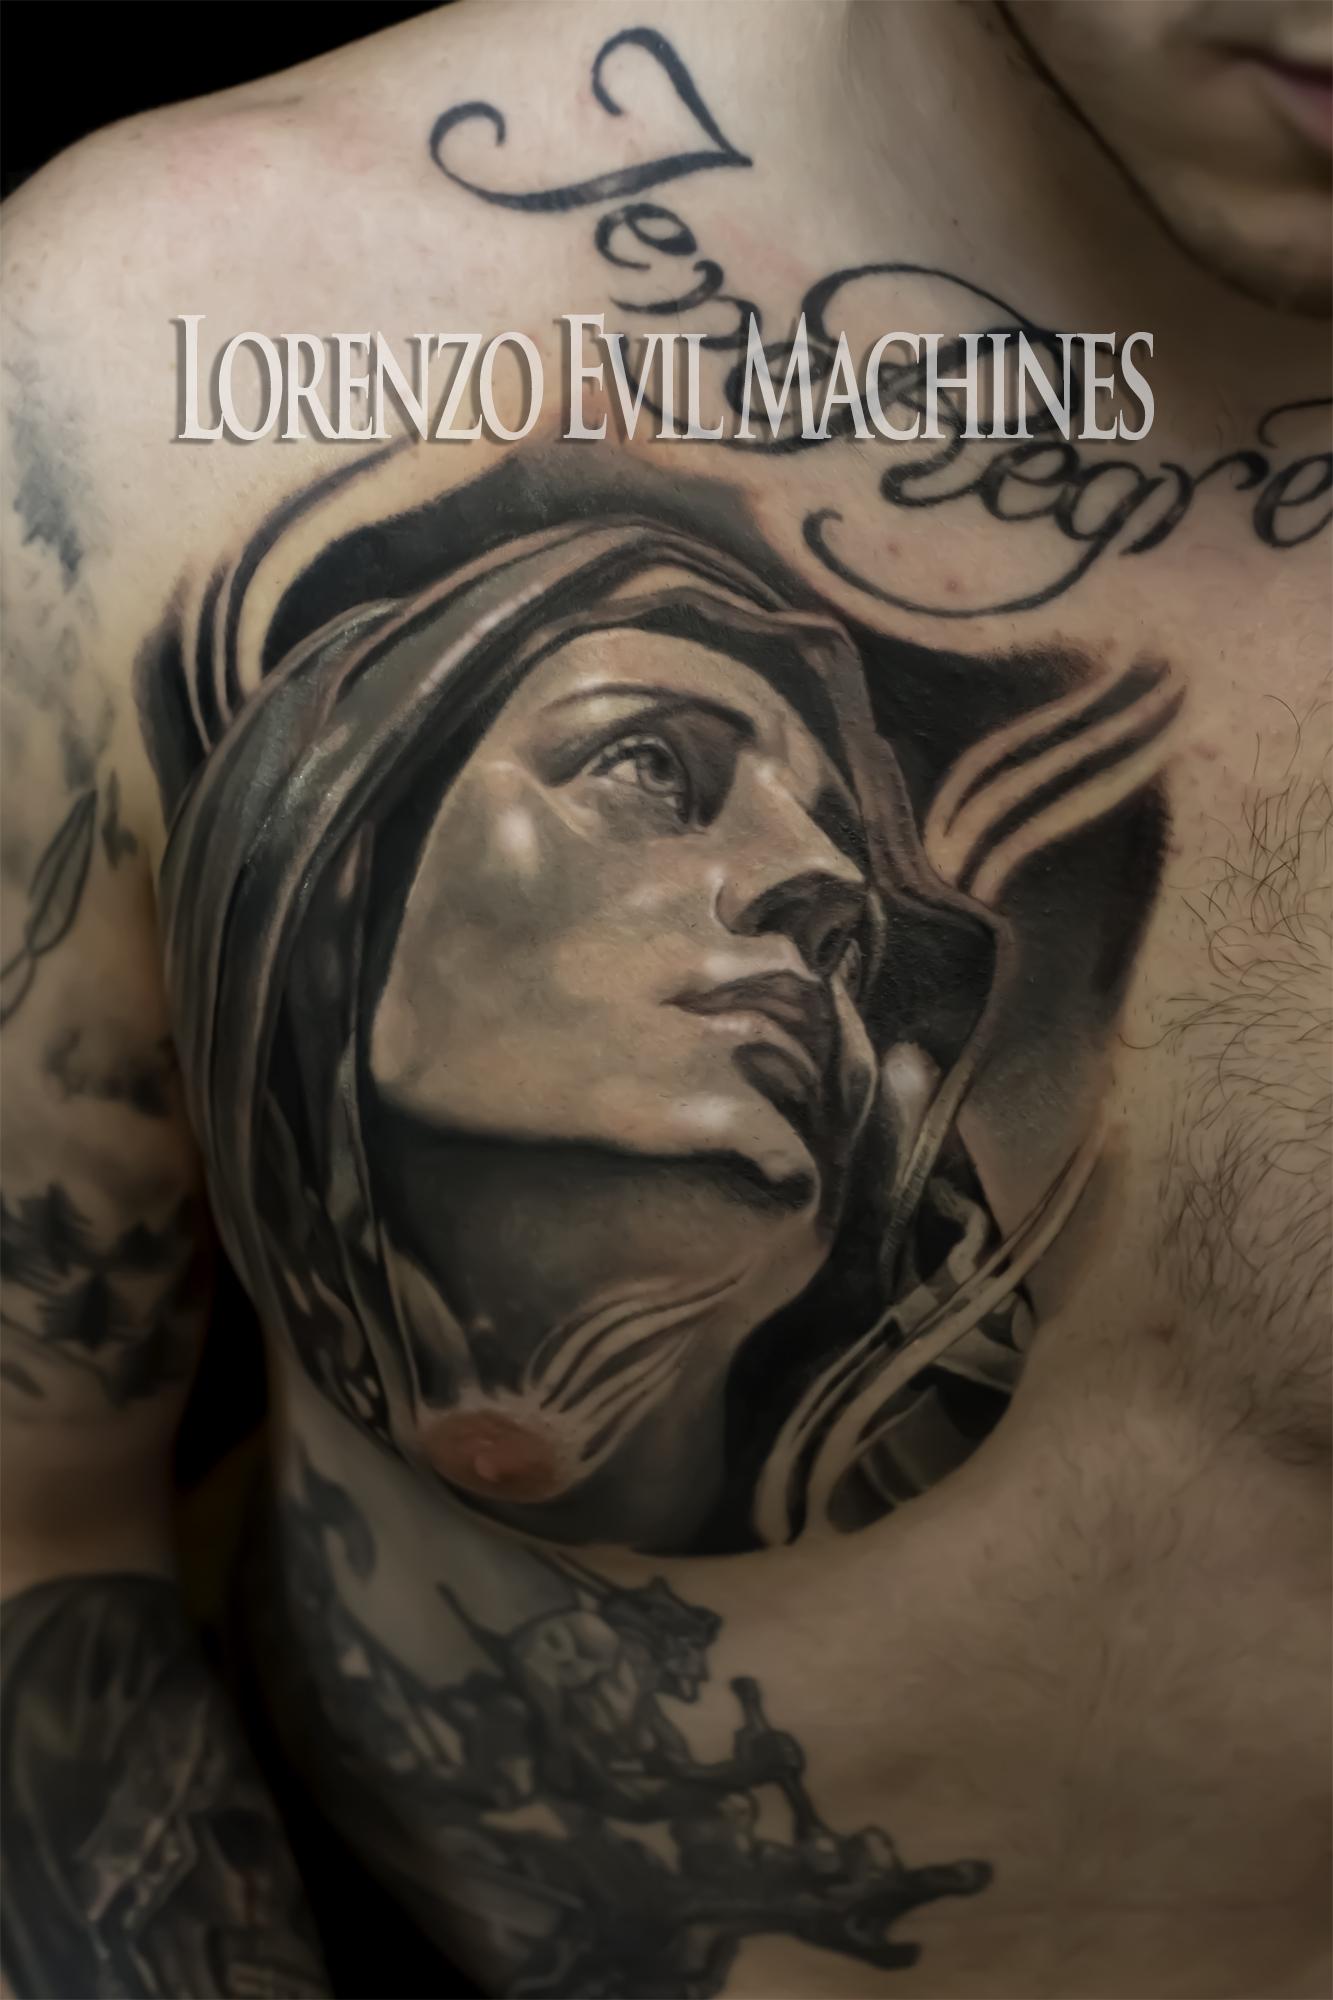 Madonna_Lorenzo_tatuatore_Evil_Machines_realistic_tattoo_tatuaggi_realistici_3d_Roma_ritratti_sito_best_migliore